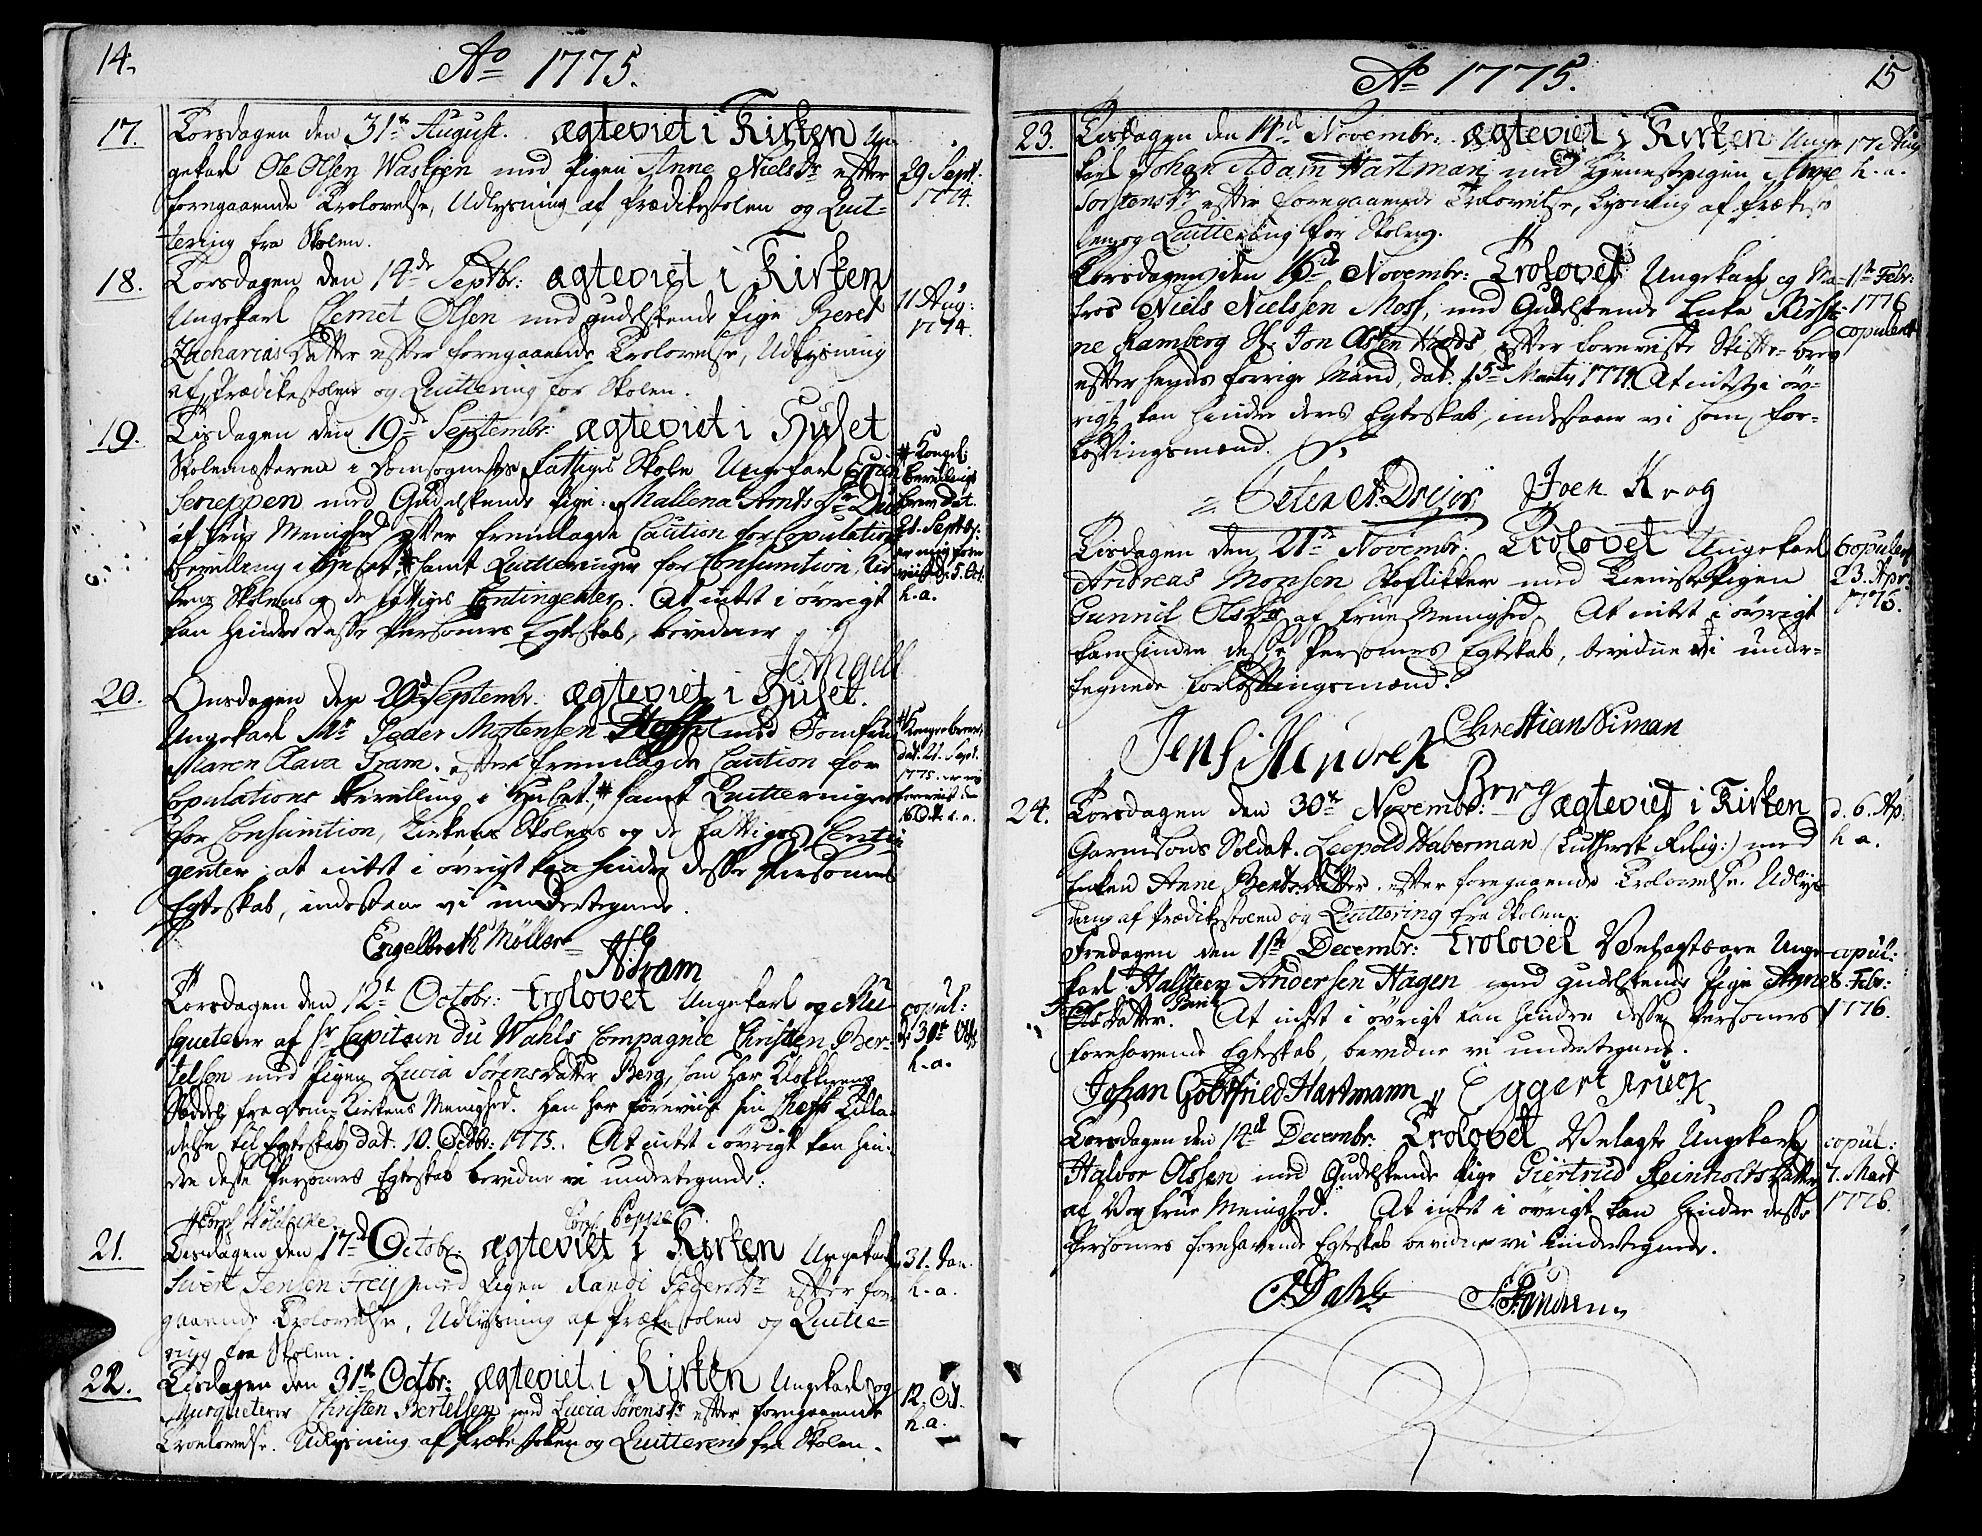 SAT, Ministerialprotokoller, klokkerbøker og fødselsregistre - Sør-Trøndelag, 602/L0105: Ministerialbok nr. 602A03, 1774-1814, s. 14-15